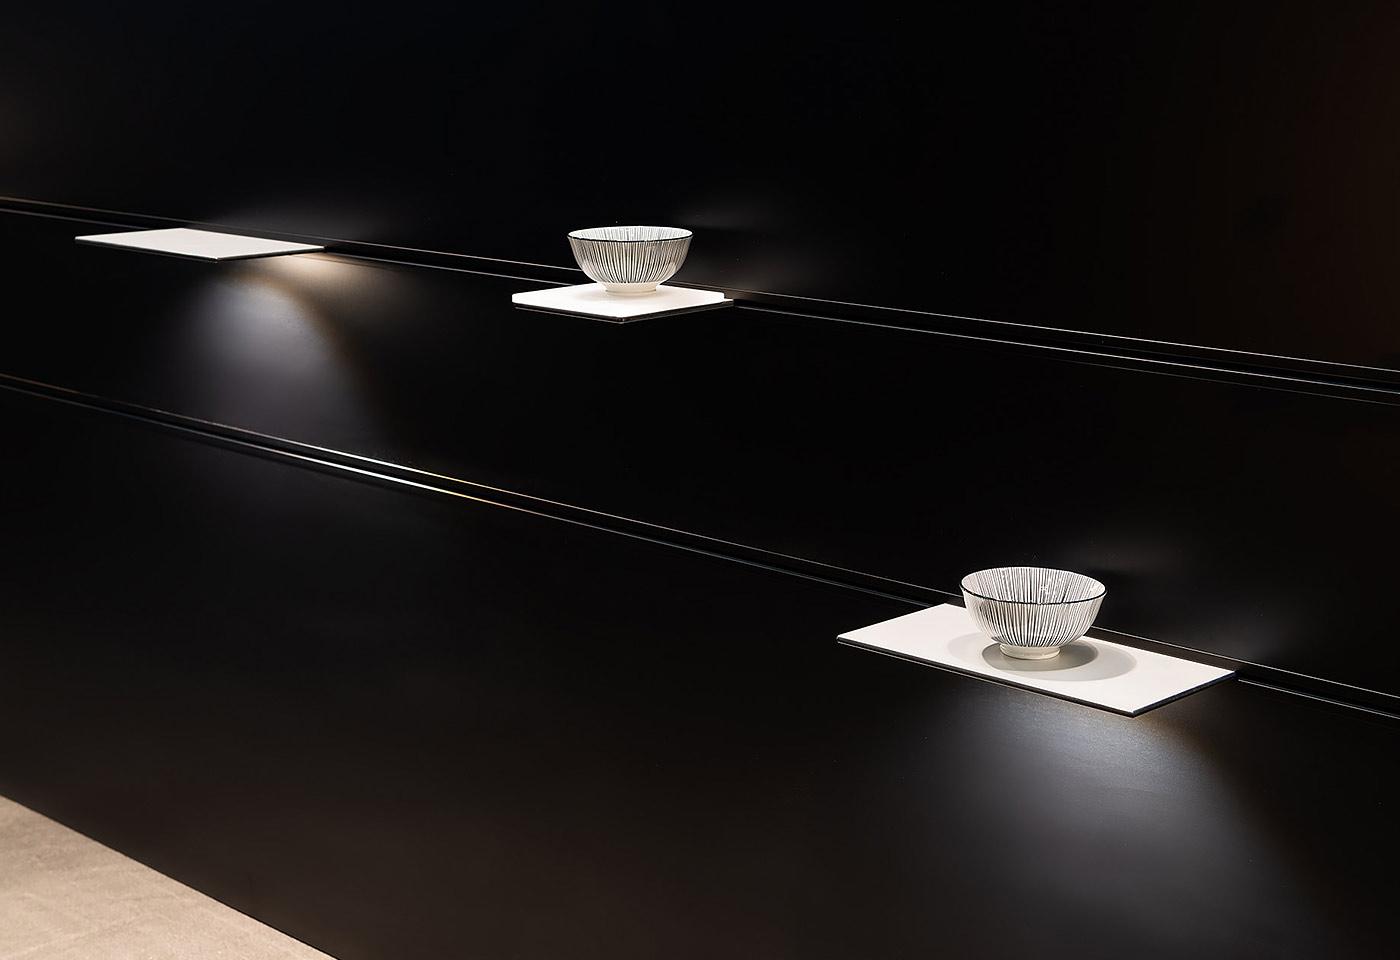 Die einzelnen Wandborde können beliebig positioniert werden. Dabei dienen die Tablare als Deko-rationsvorrichtung oder Beleuchtungsmittel.